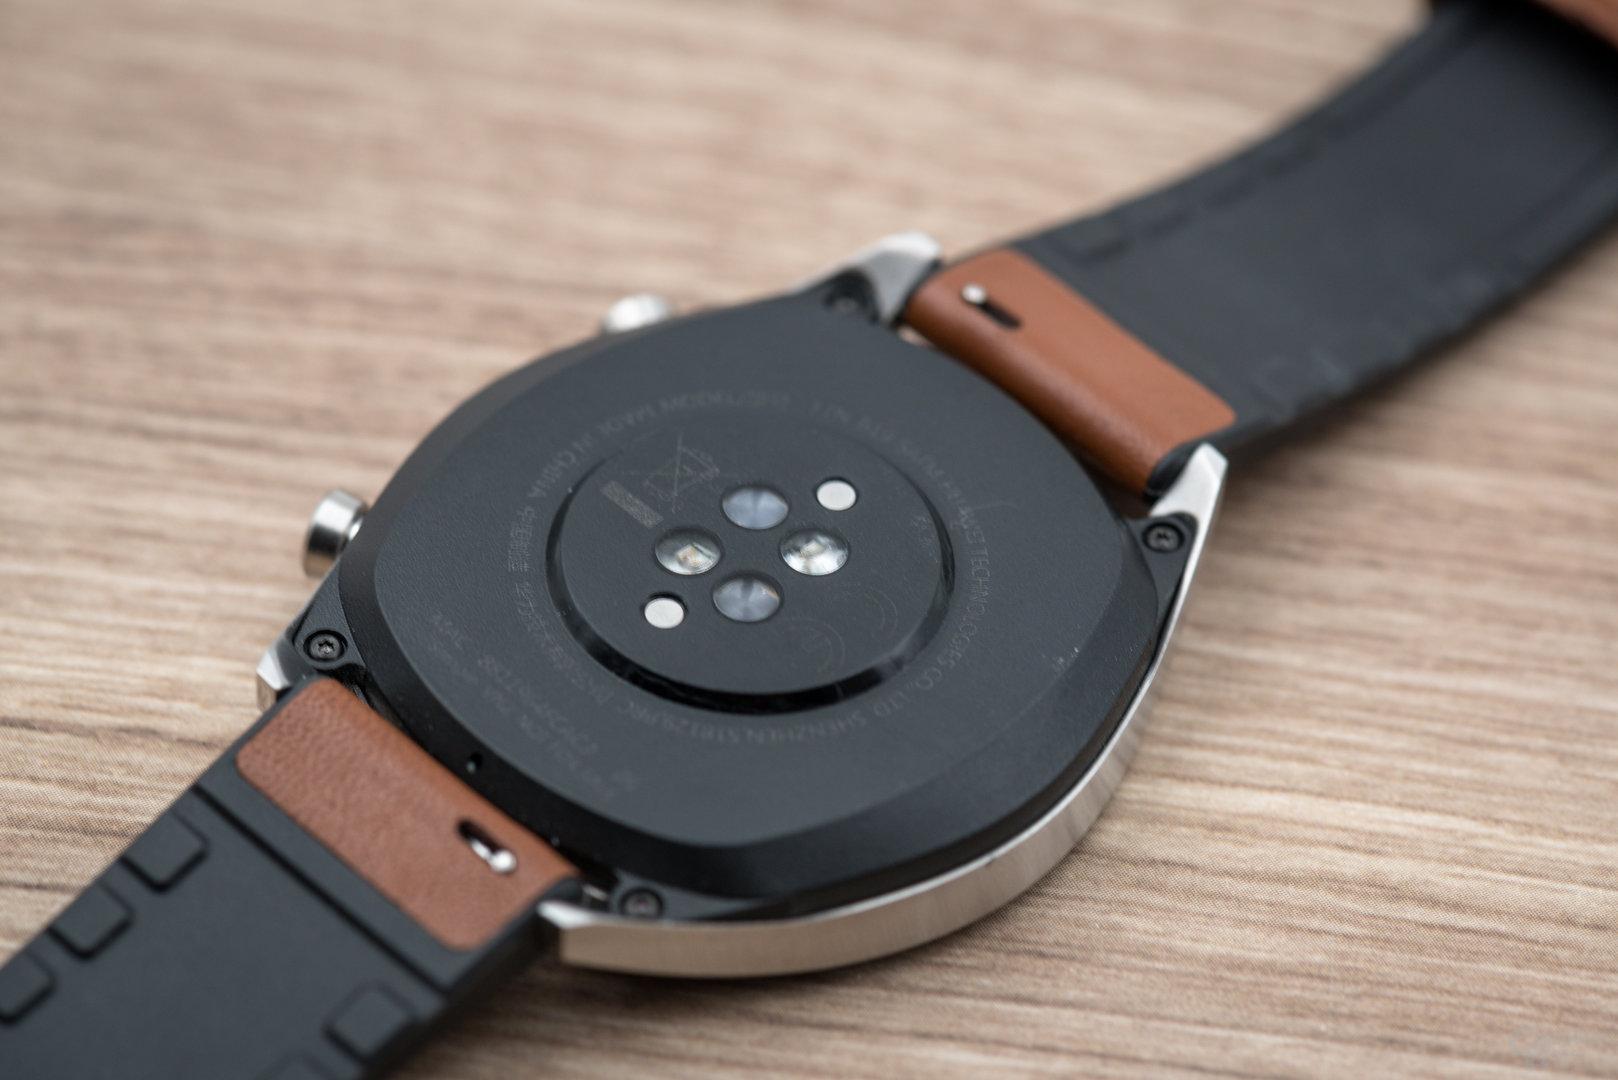 Huawei Watch GT: Kunststoffrückseite mit Sensoren